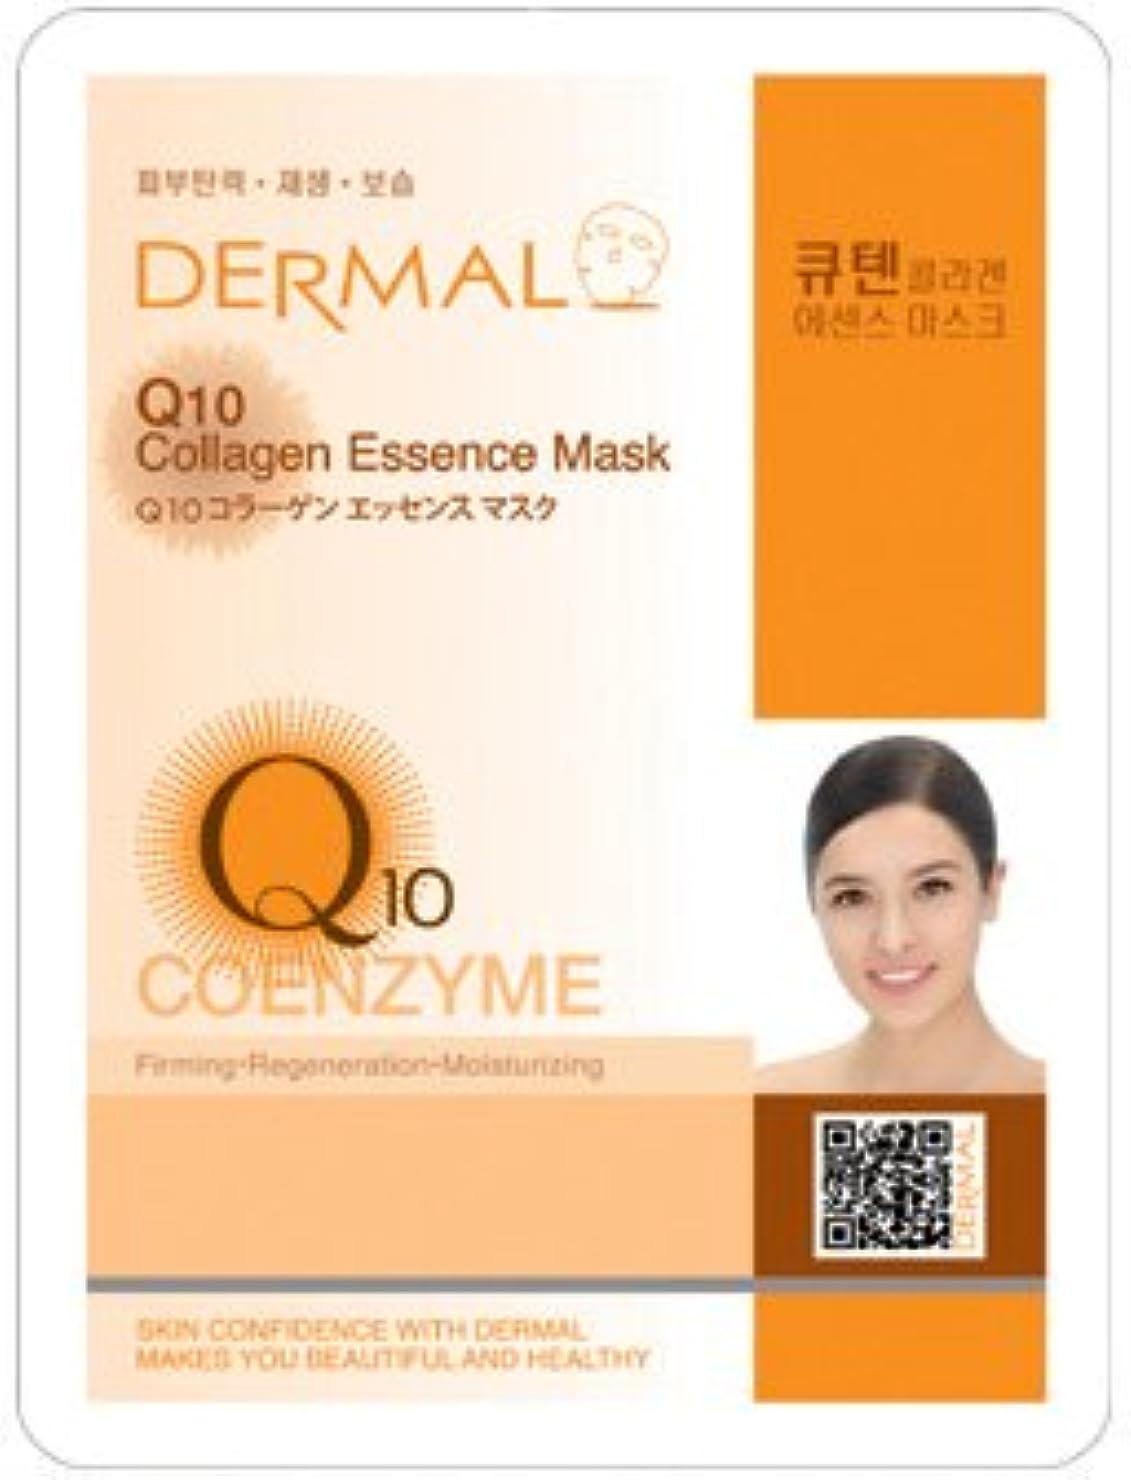 血色の良い火山のメリーシートマスク Q10 コエンザイム 10枚セット ダーマル(Dermal) フェイス パック